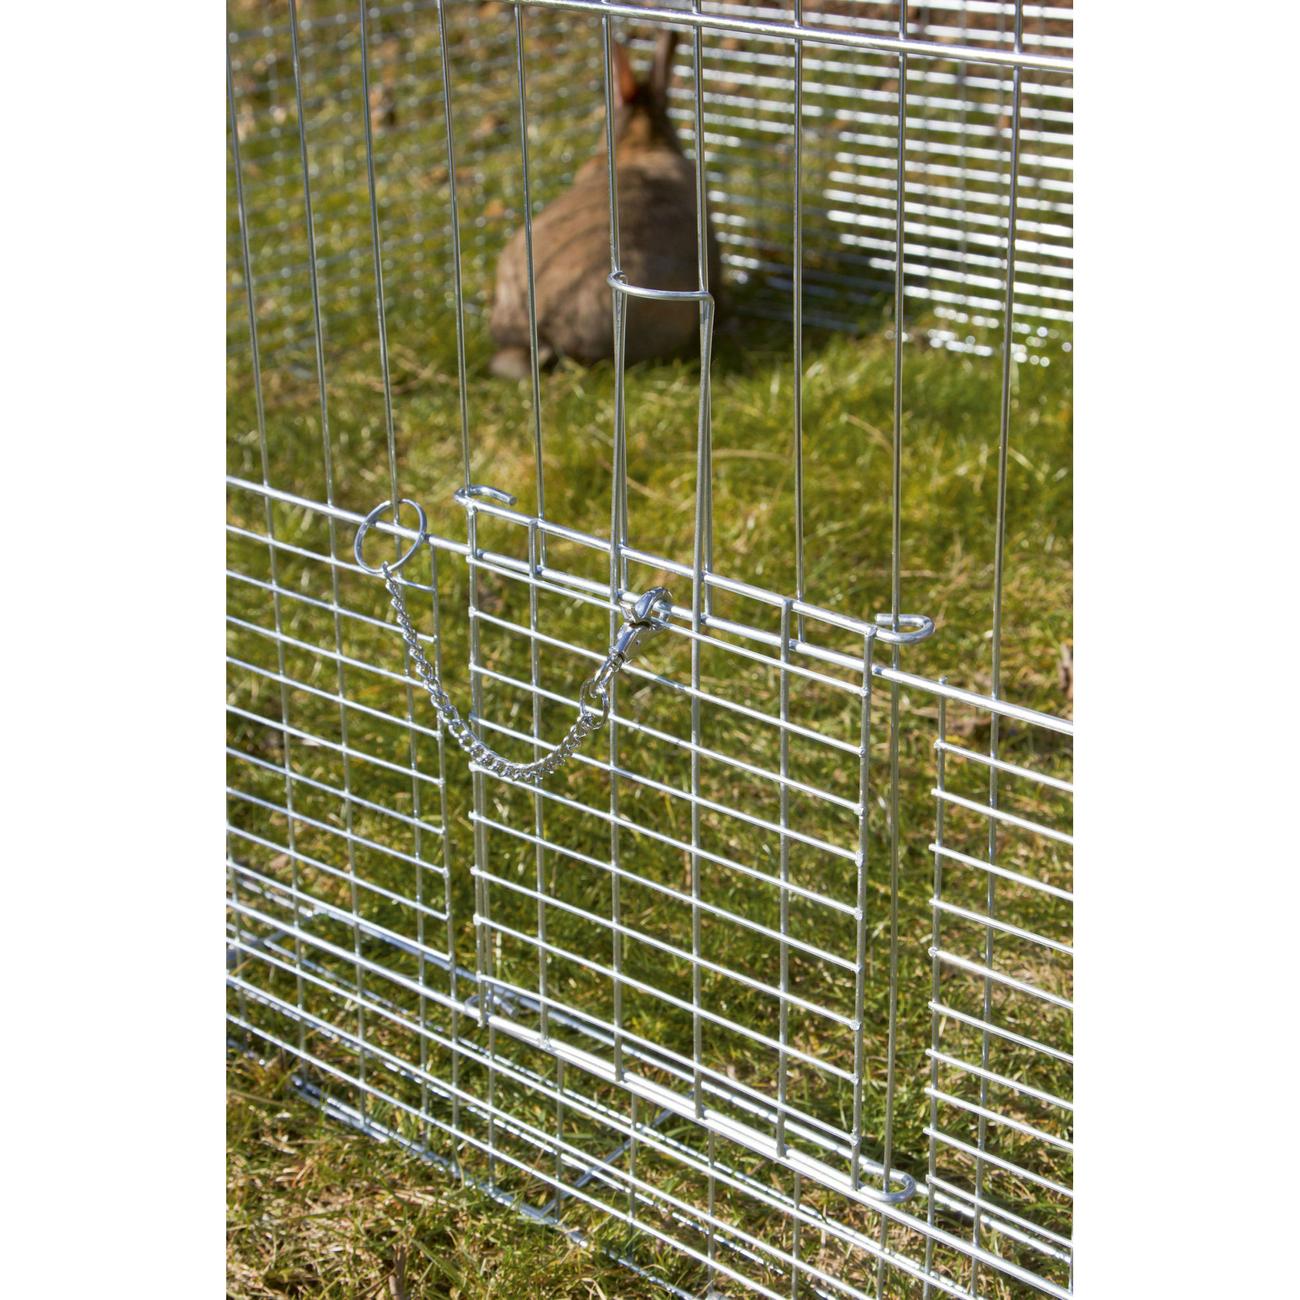 Kerbl Freilaufgehege mit Ausbruchsperre für Jungtiere, Bild 3